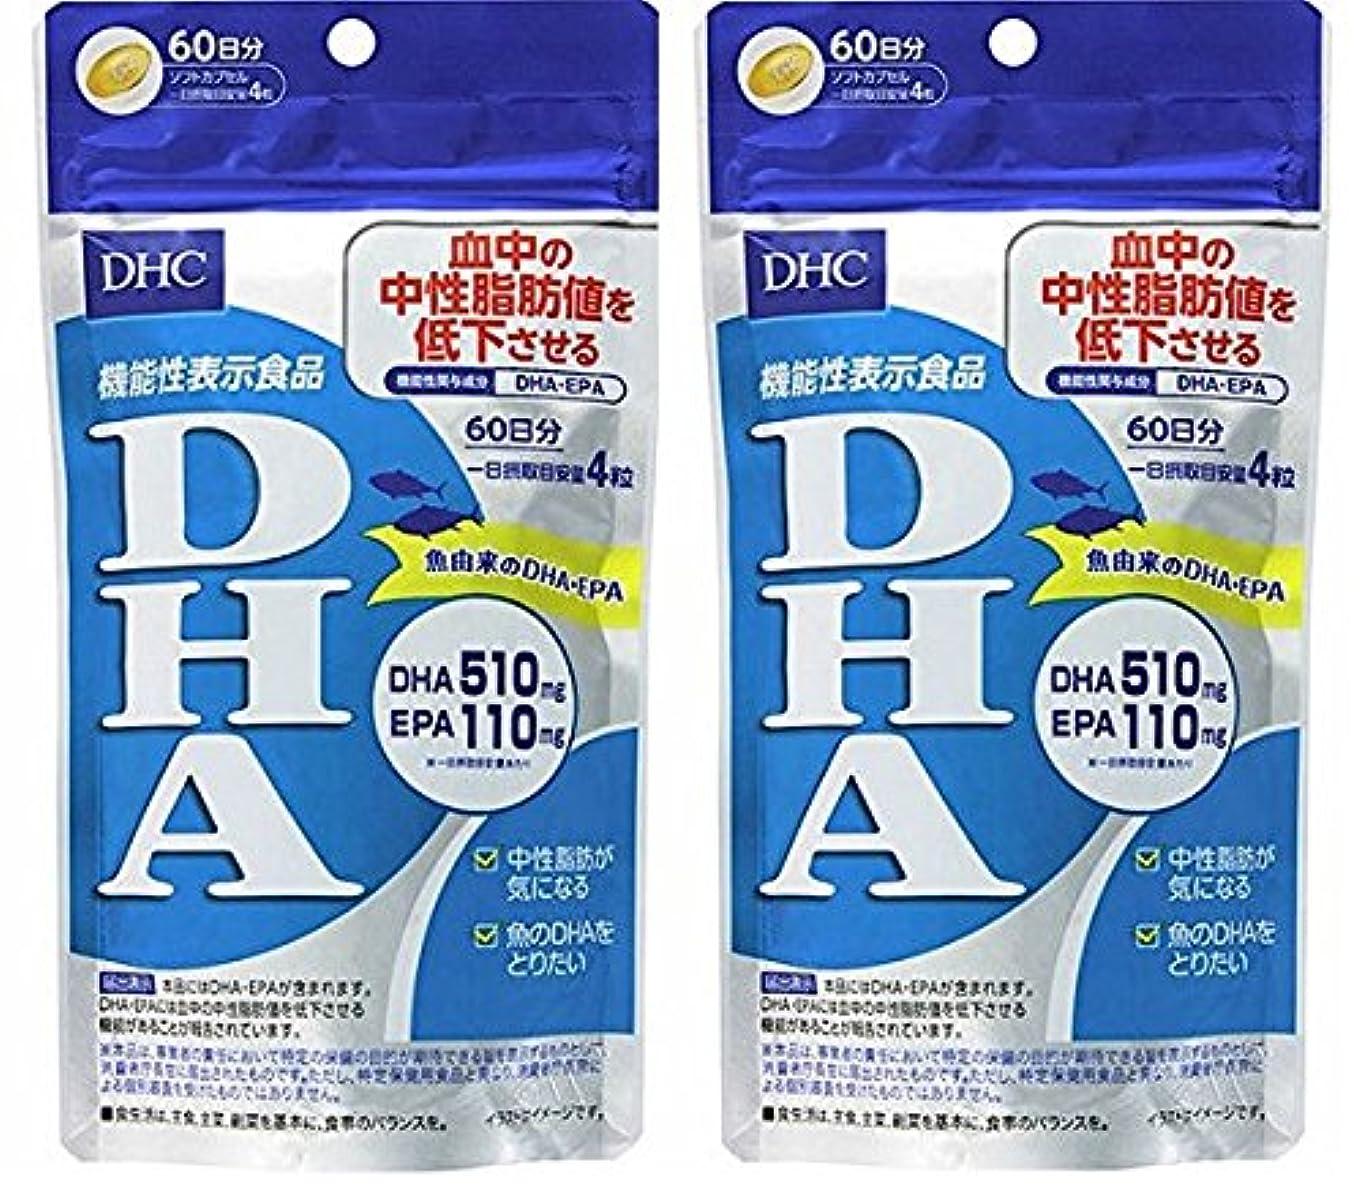 ハイキング昨日薬用【2個セット品】DHC DHA 60日分 240粒 【機能性表示食品】